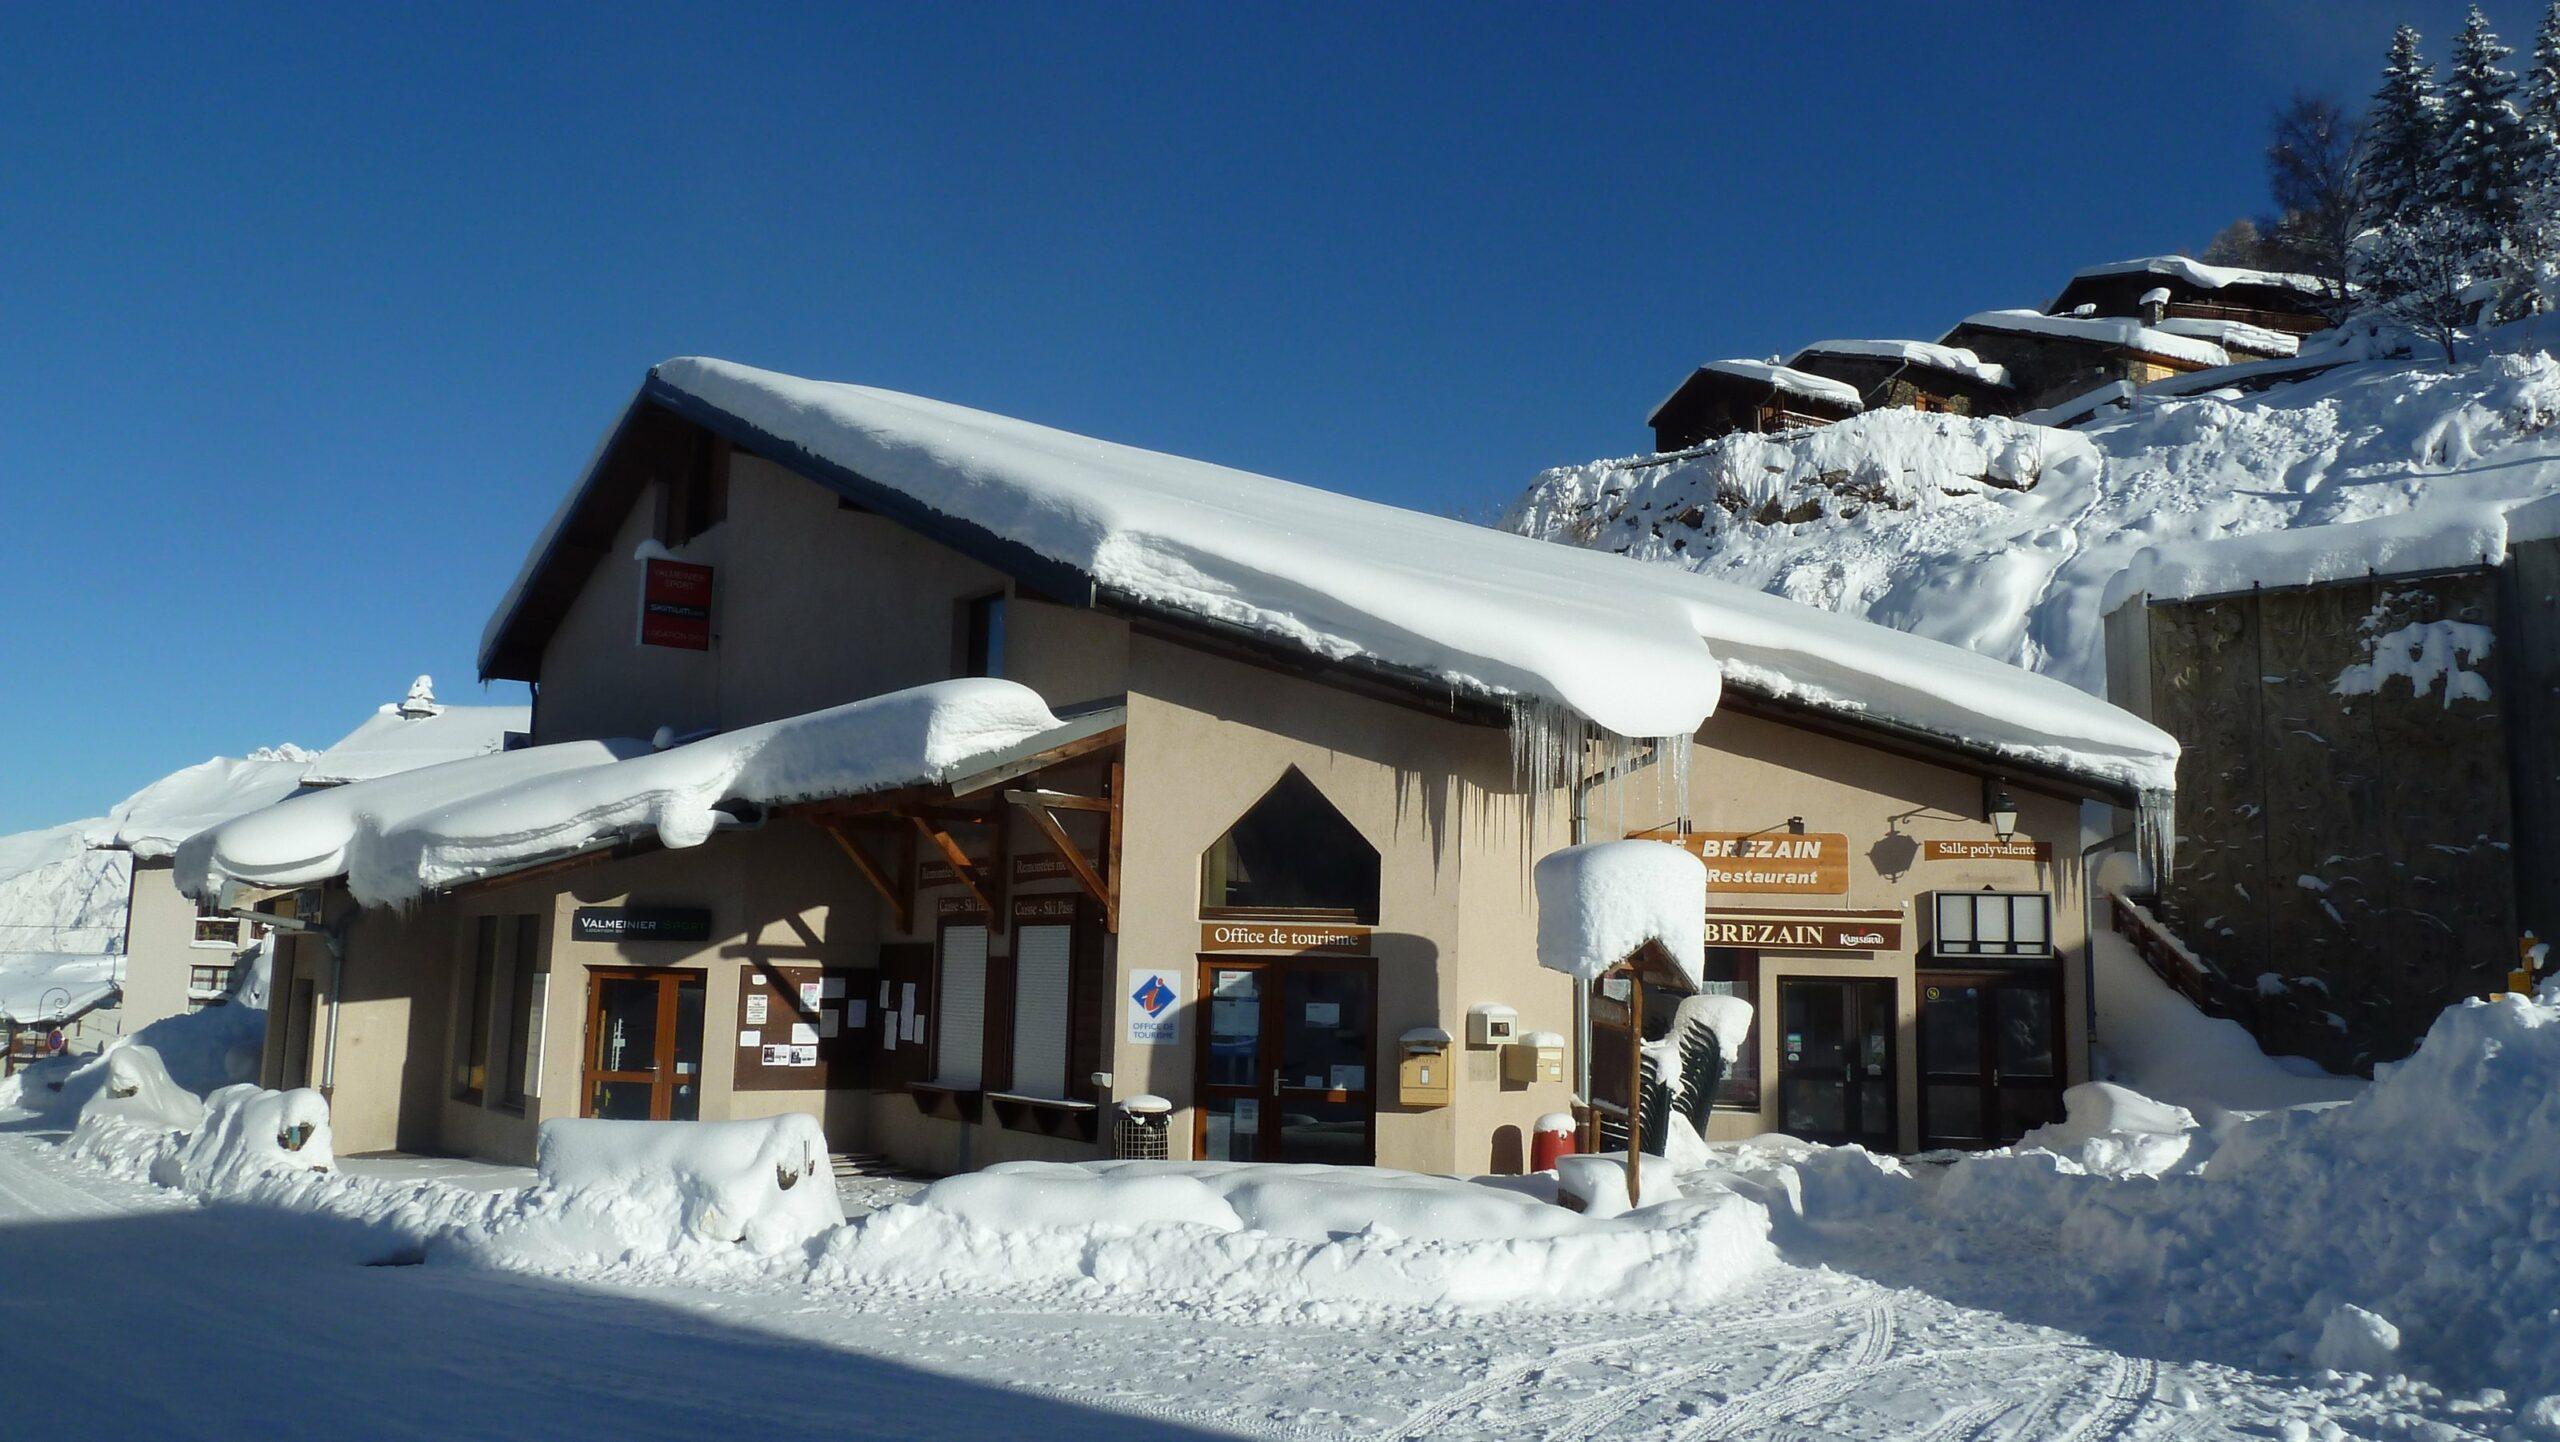 Office de tourisme, commerces à Valmeinier village